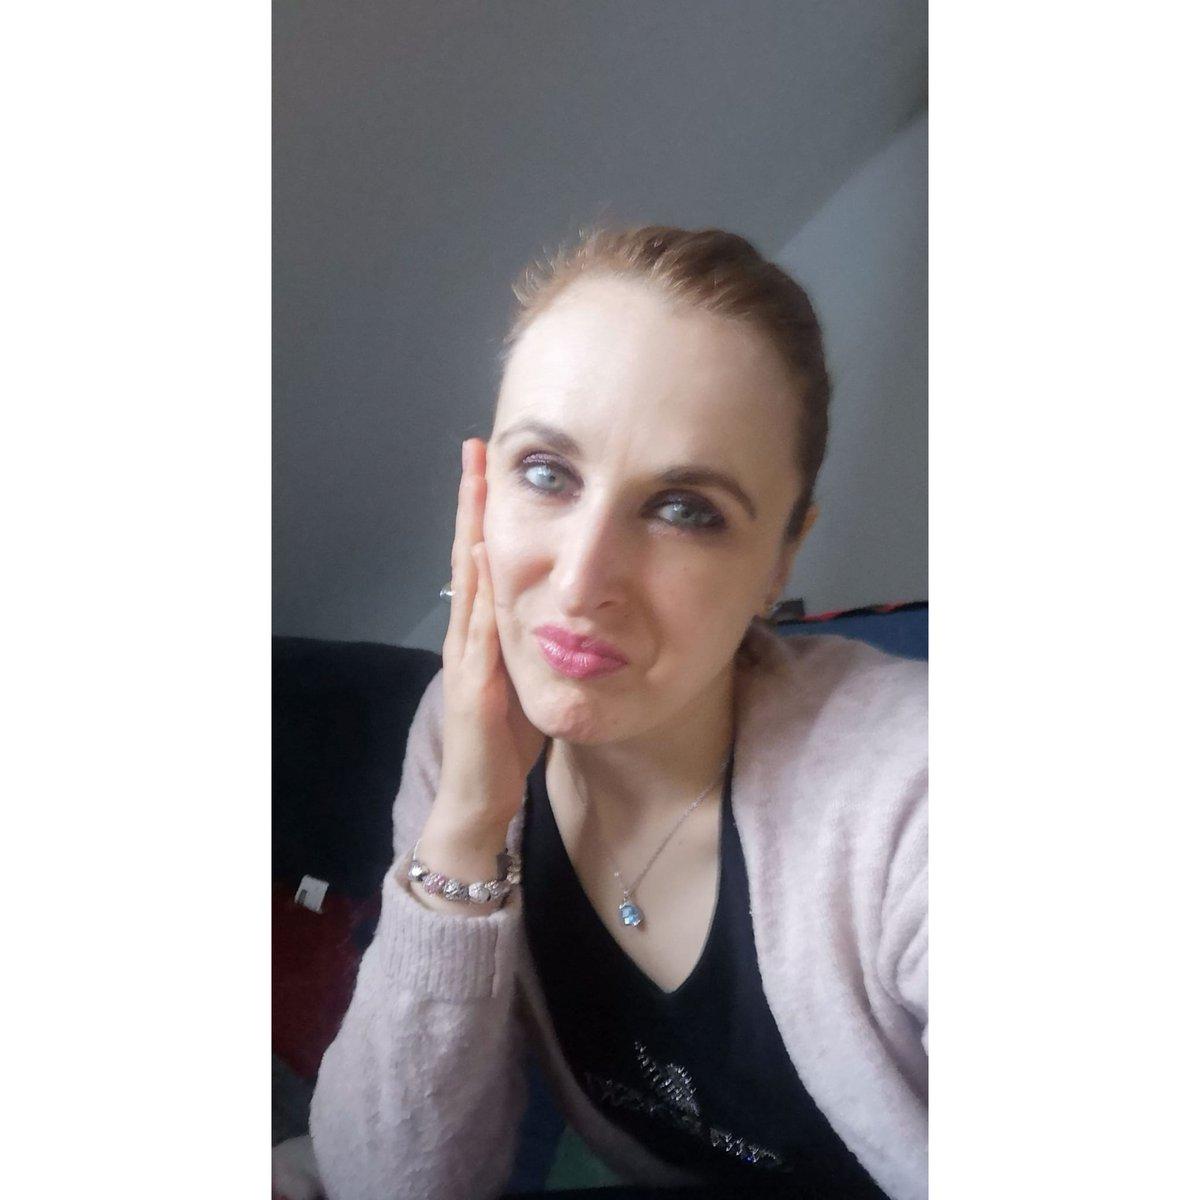 """""""La vraie générosité envers l'avenir consiste à tout donner au présent."""" Albert Camus  #GIRLBOSS #bossgirl #bossbabe #girlpower #goodvibes #lifestyle #feliz #bonheur #frenchgirl #smile #parisienne #pictureoftheday #felizespoco #love #lavieestbelle #mindsets"""